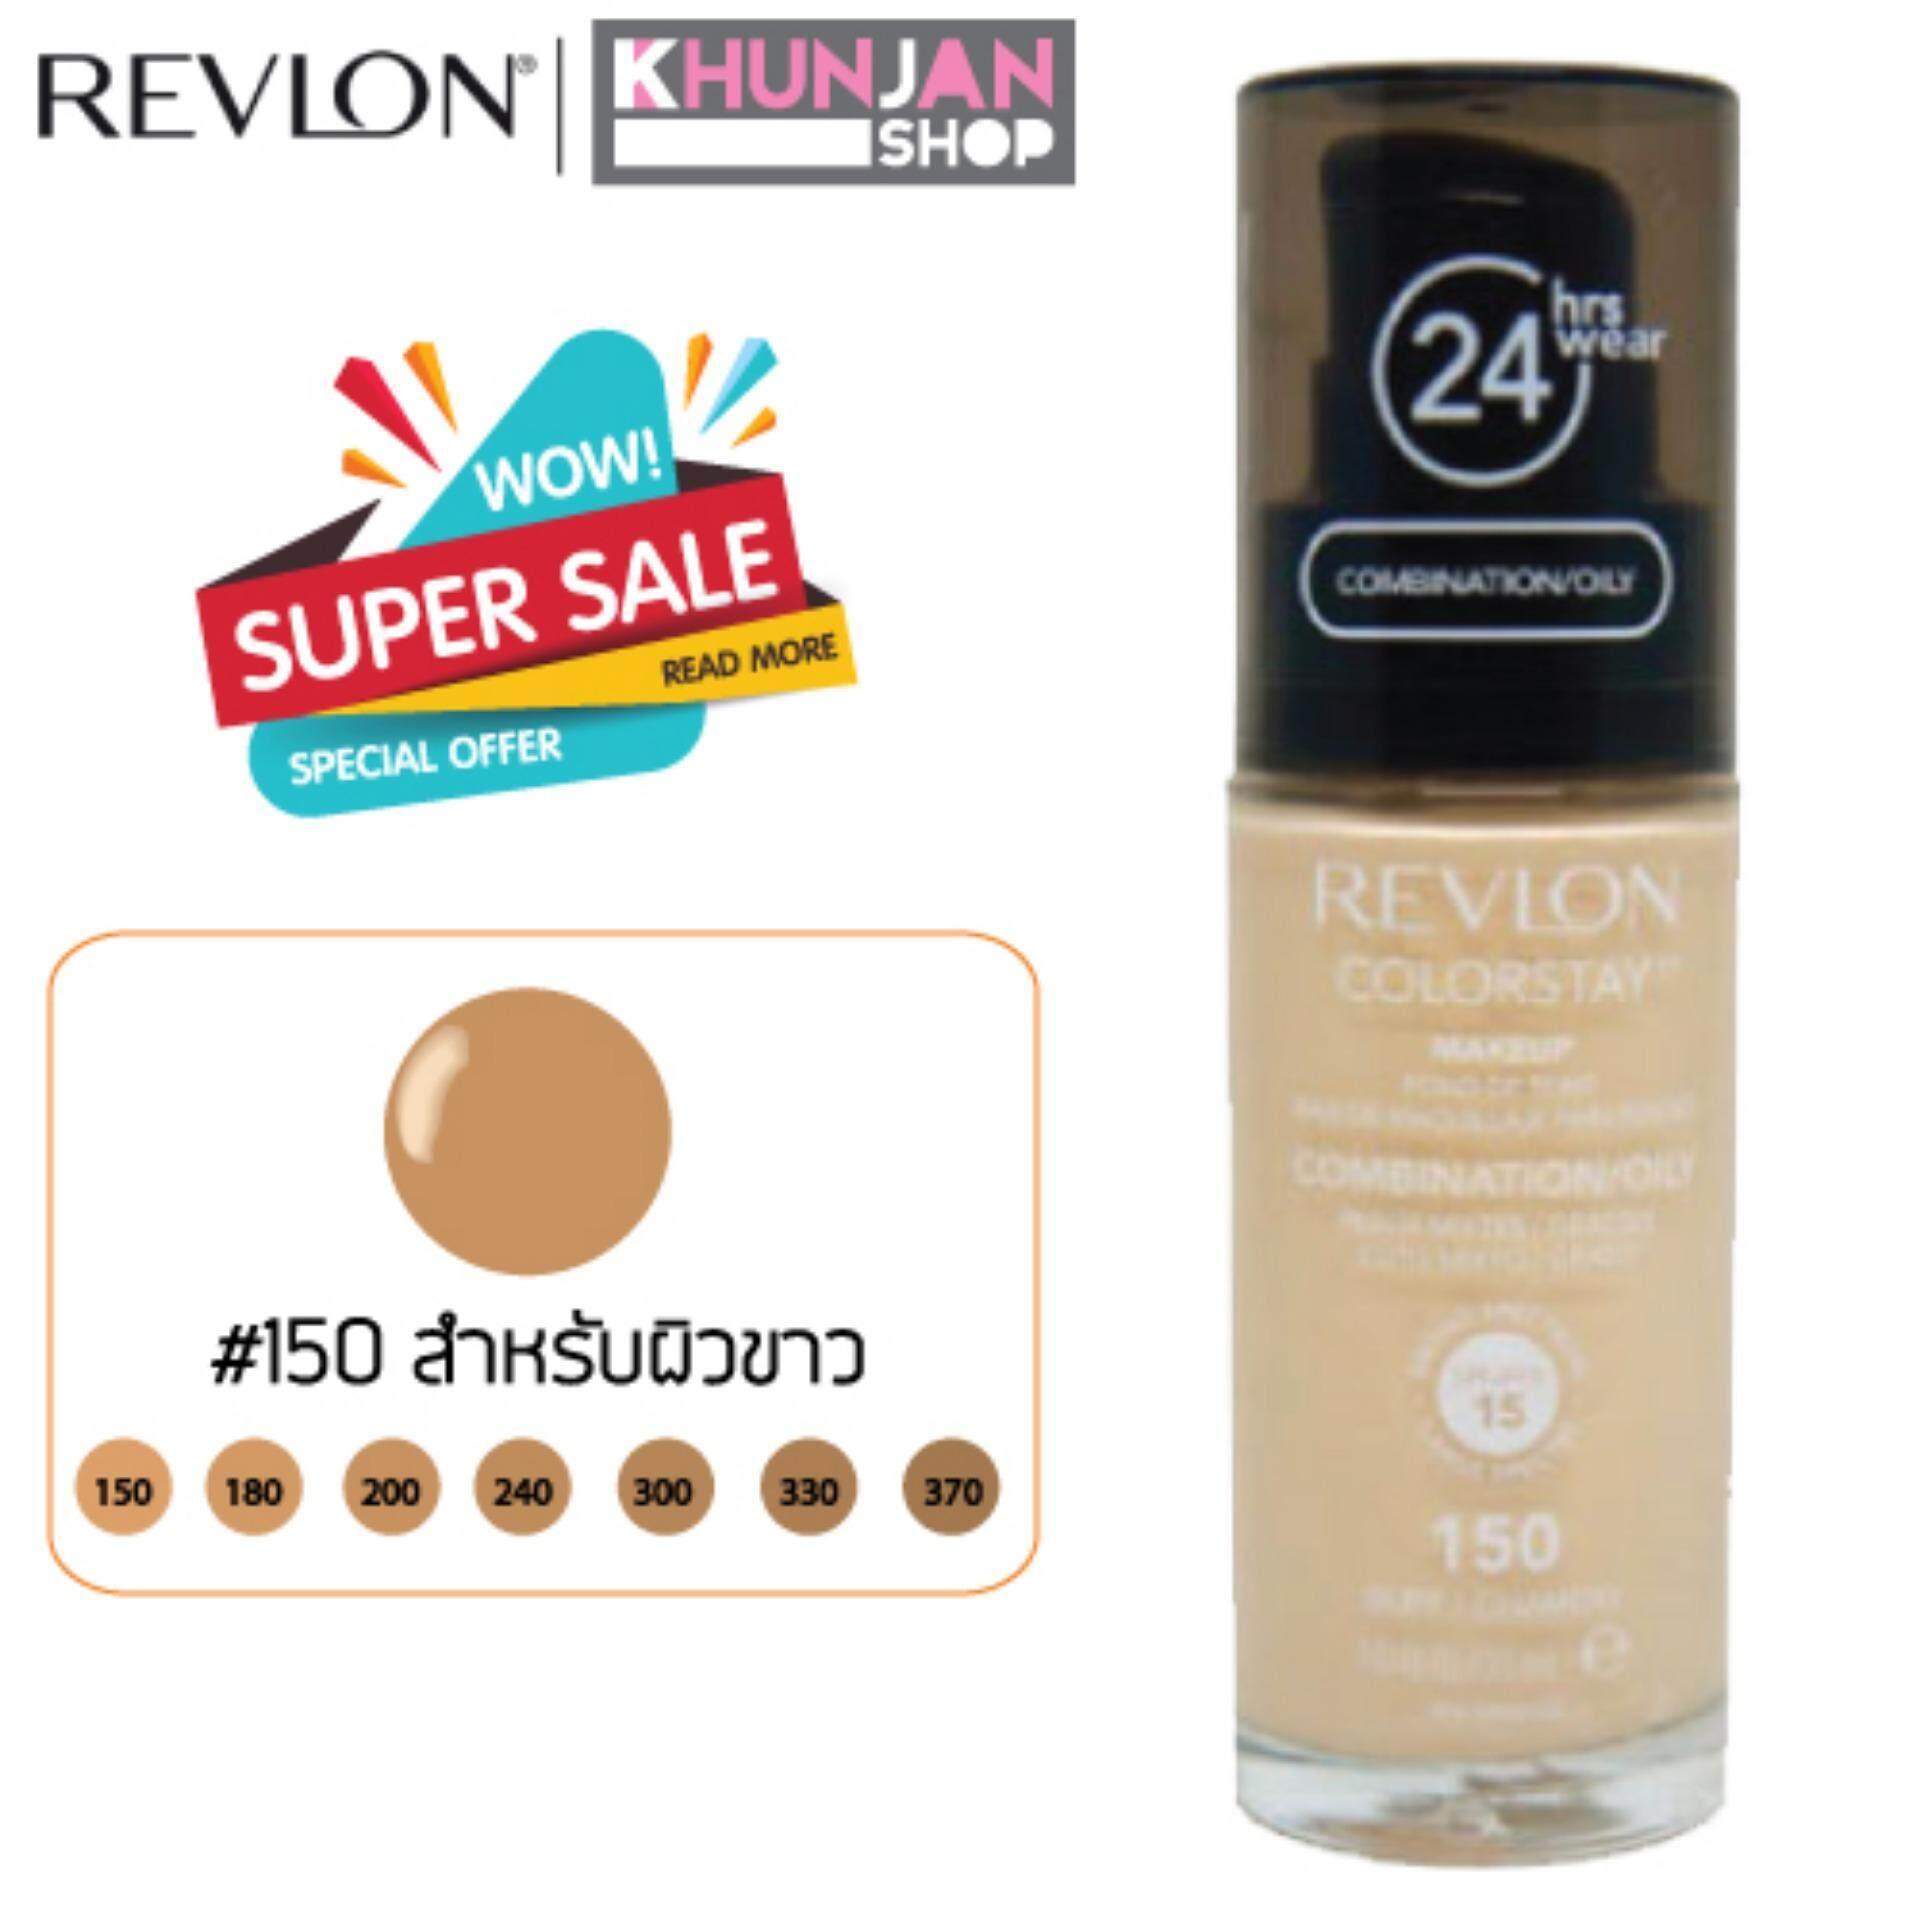 ขาย ซื้อ รองพื้นเรฟลอน Revlon Colorstay Foundation เบอร์ 150 Buff ผลิตปี2560